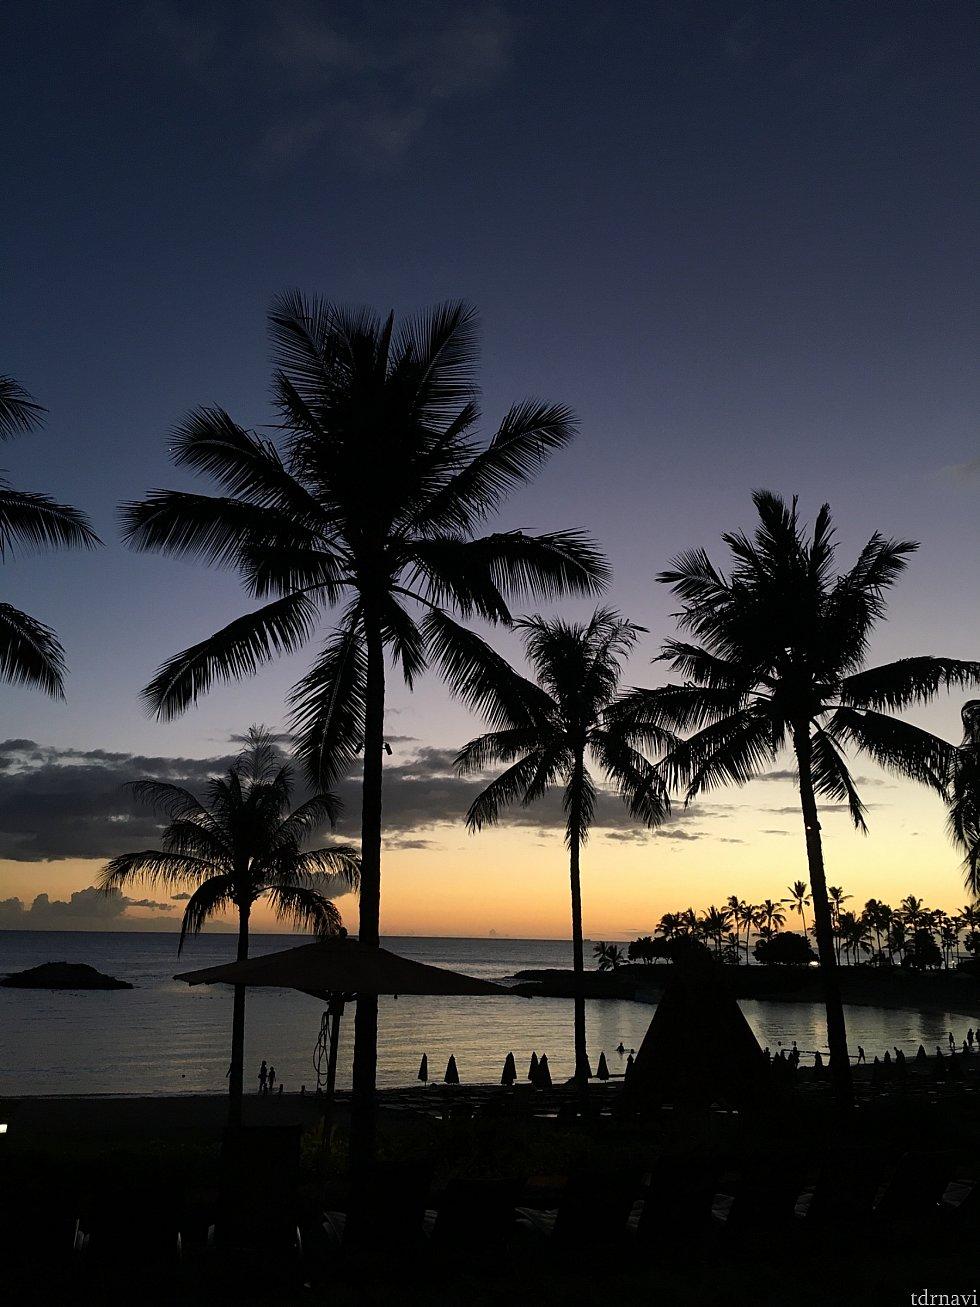 沈む夕日 ごちそう様でした… ウクレレの演奏も始まりさらにムード満点!